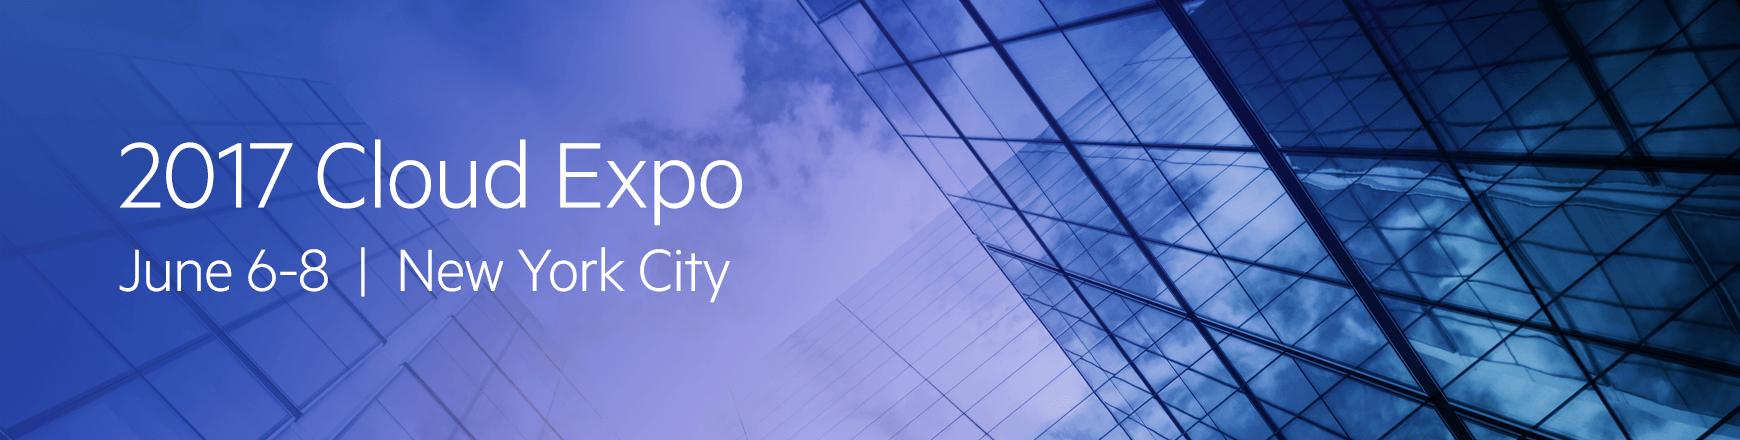 Cloud Expo NY 2017